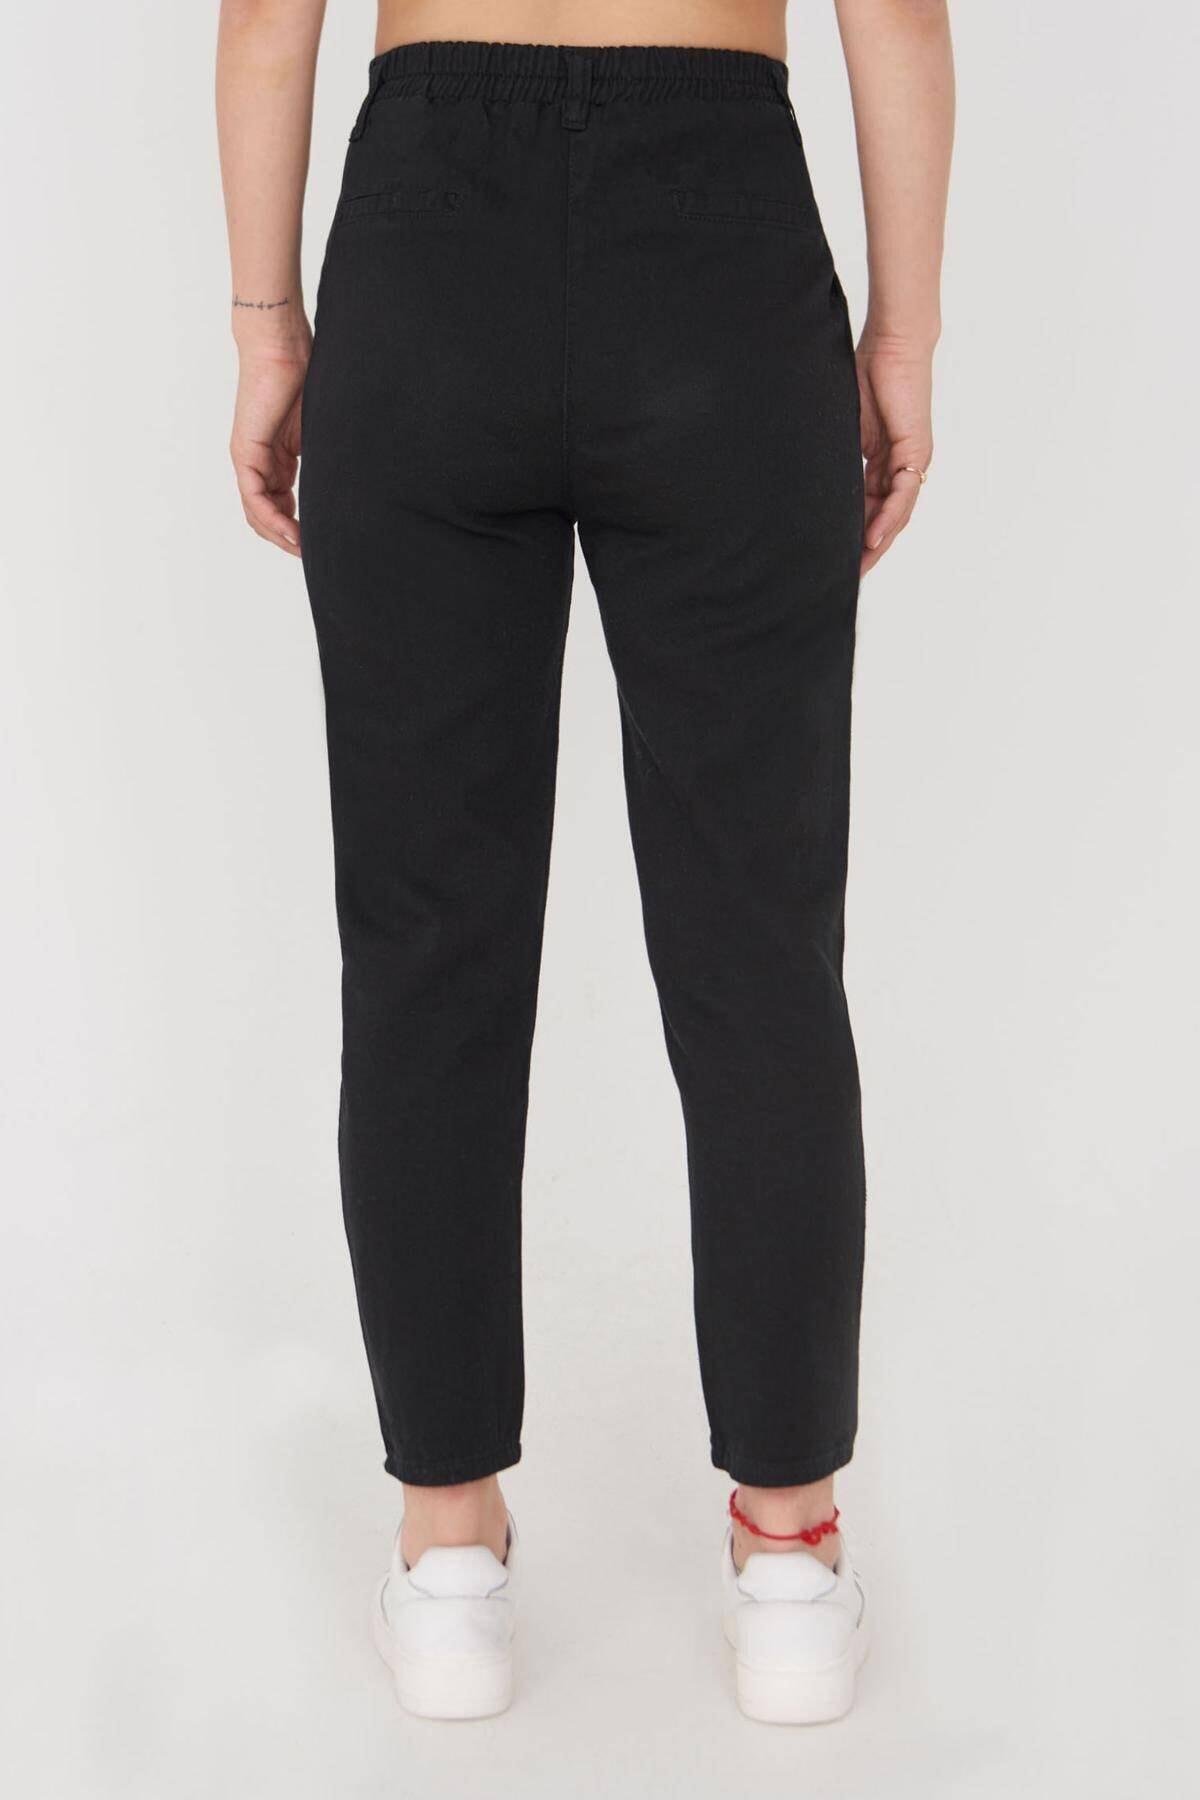 Addax Kadın Siyah Cep Detaylı Pantolon Pn4396 - G4 Adx-0000023917 2